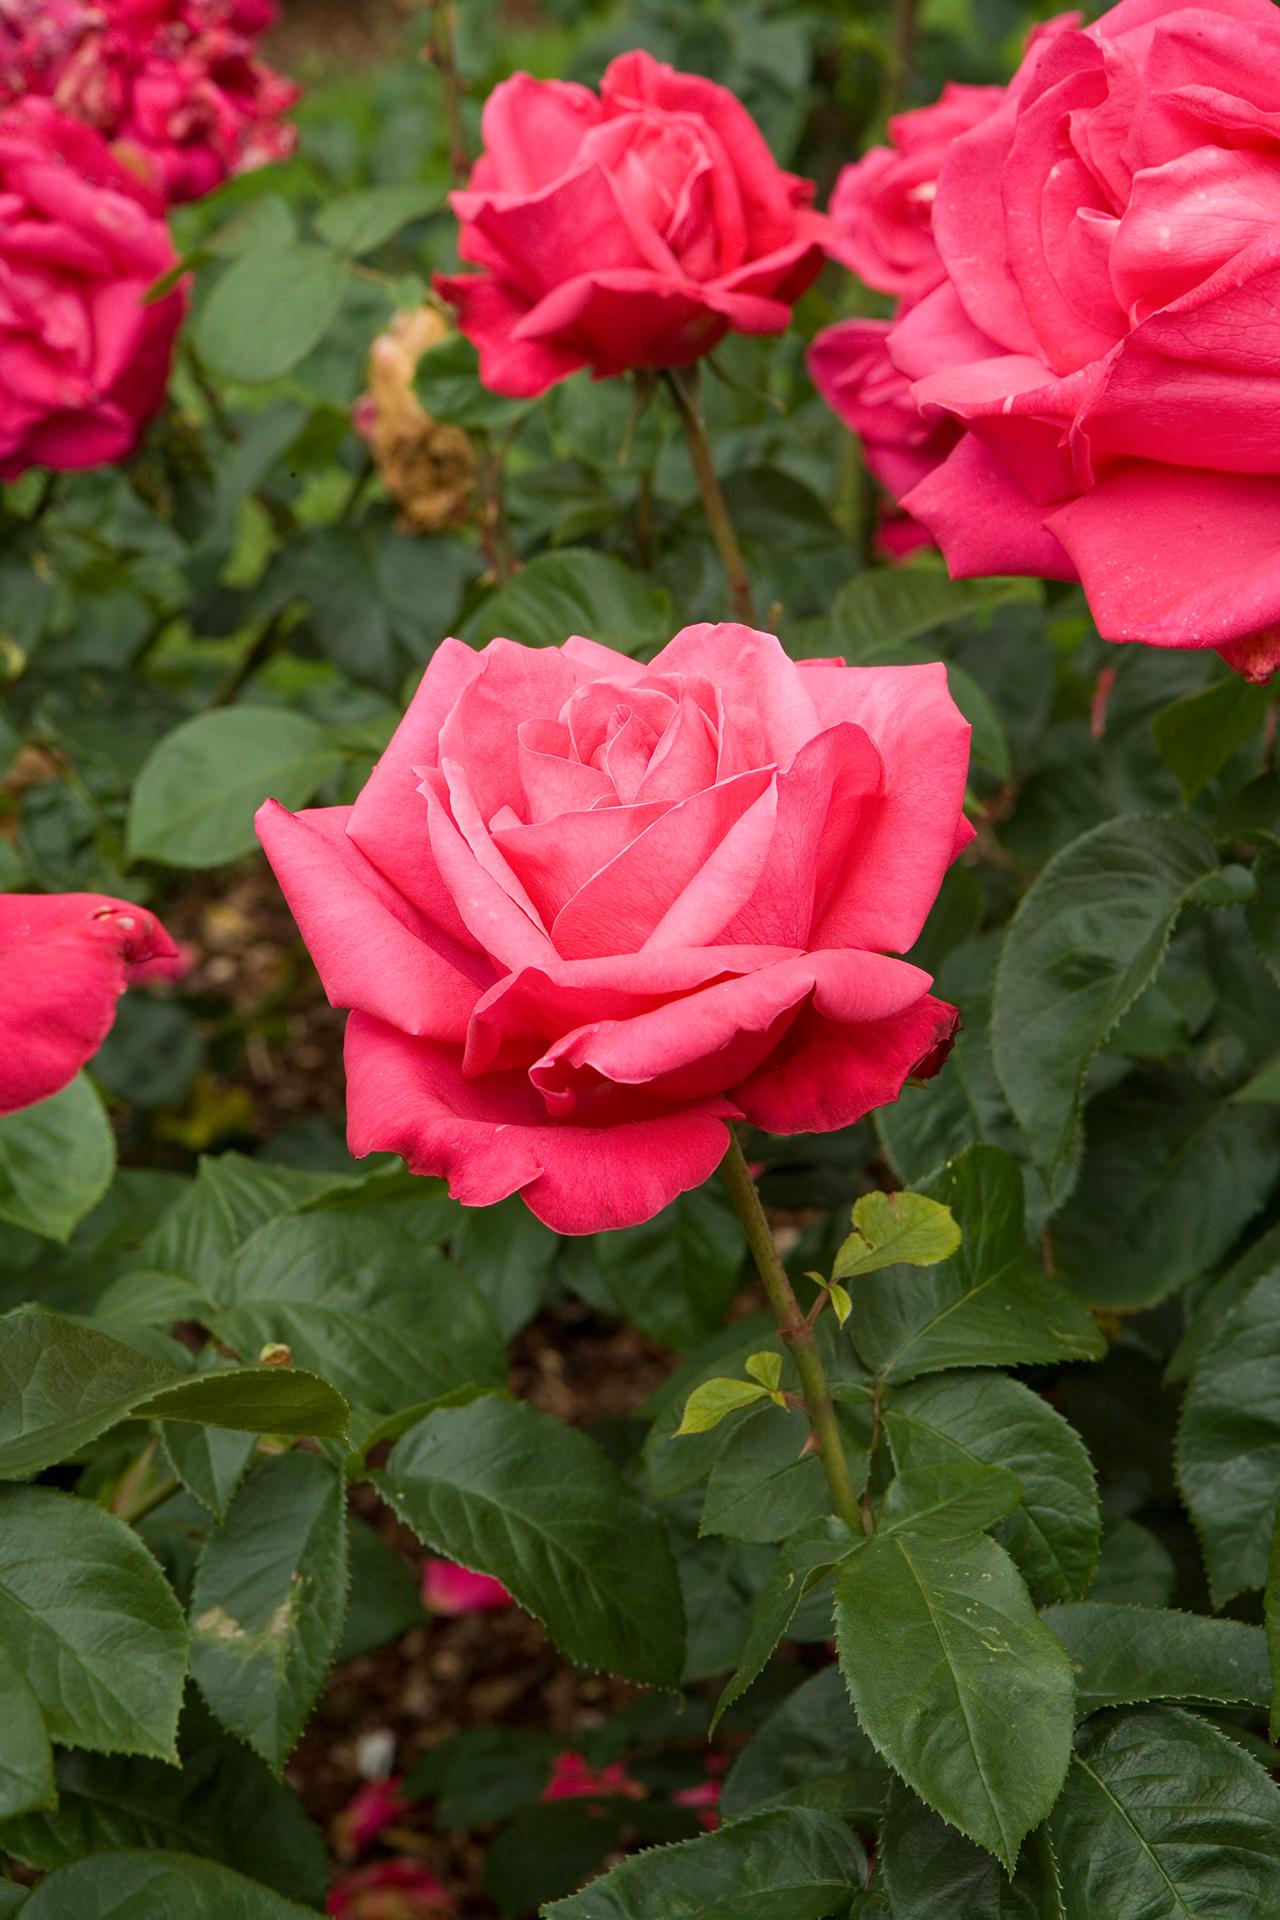 Hình ảnh hoa hồng trong vườn